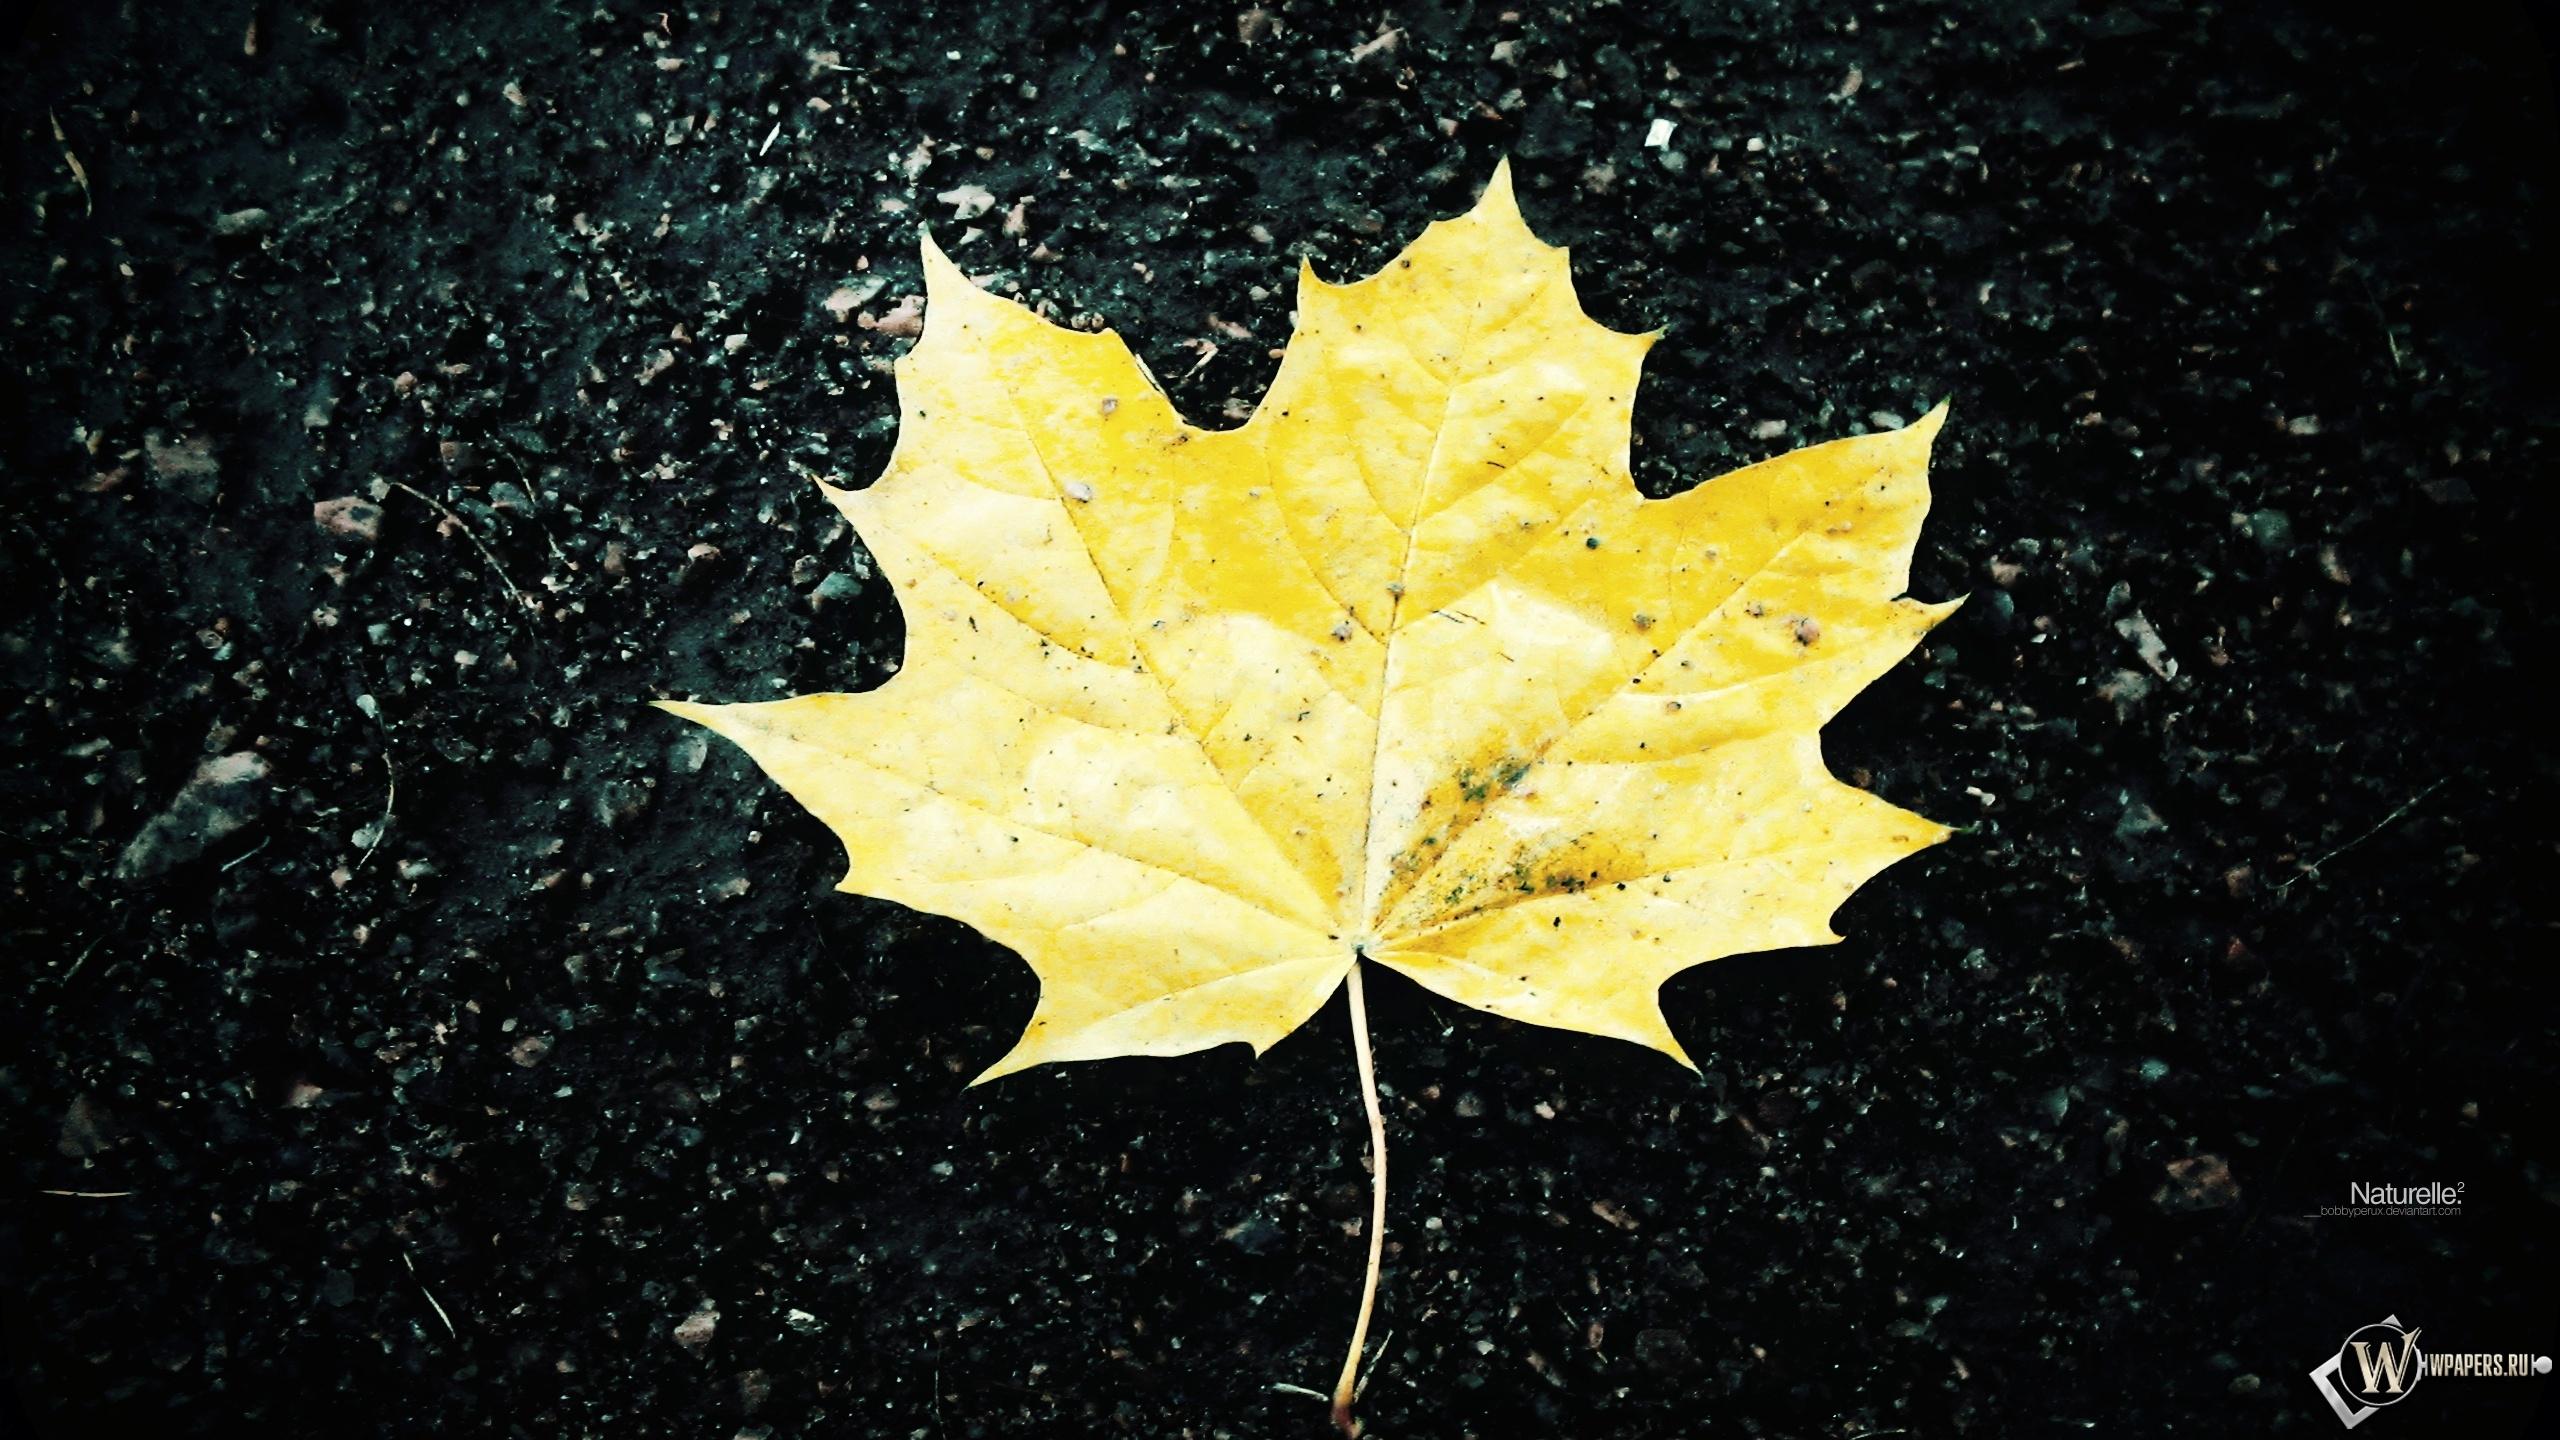 Жёлтый кленовый лист 2560x1440